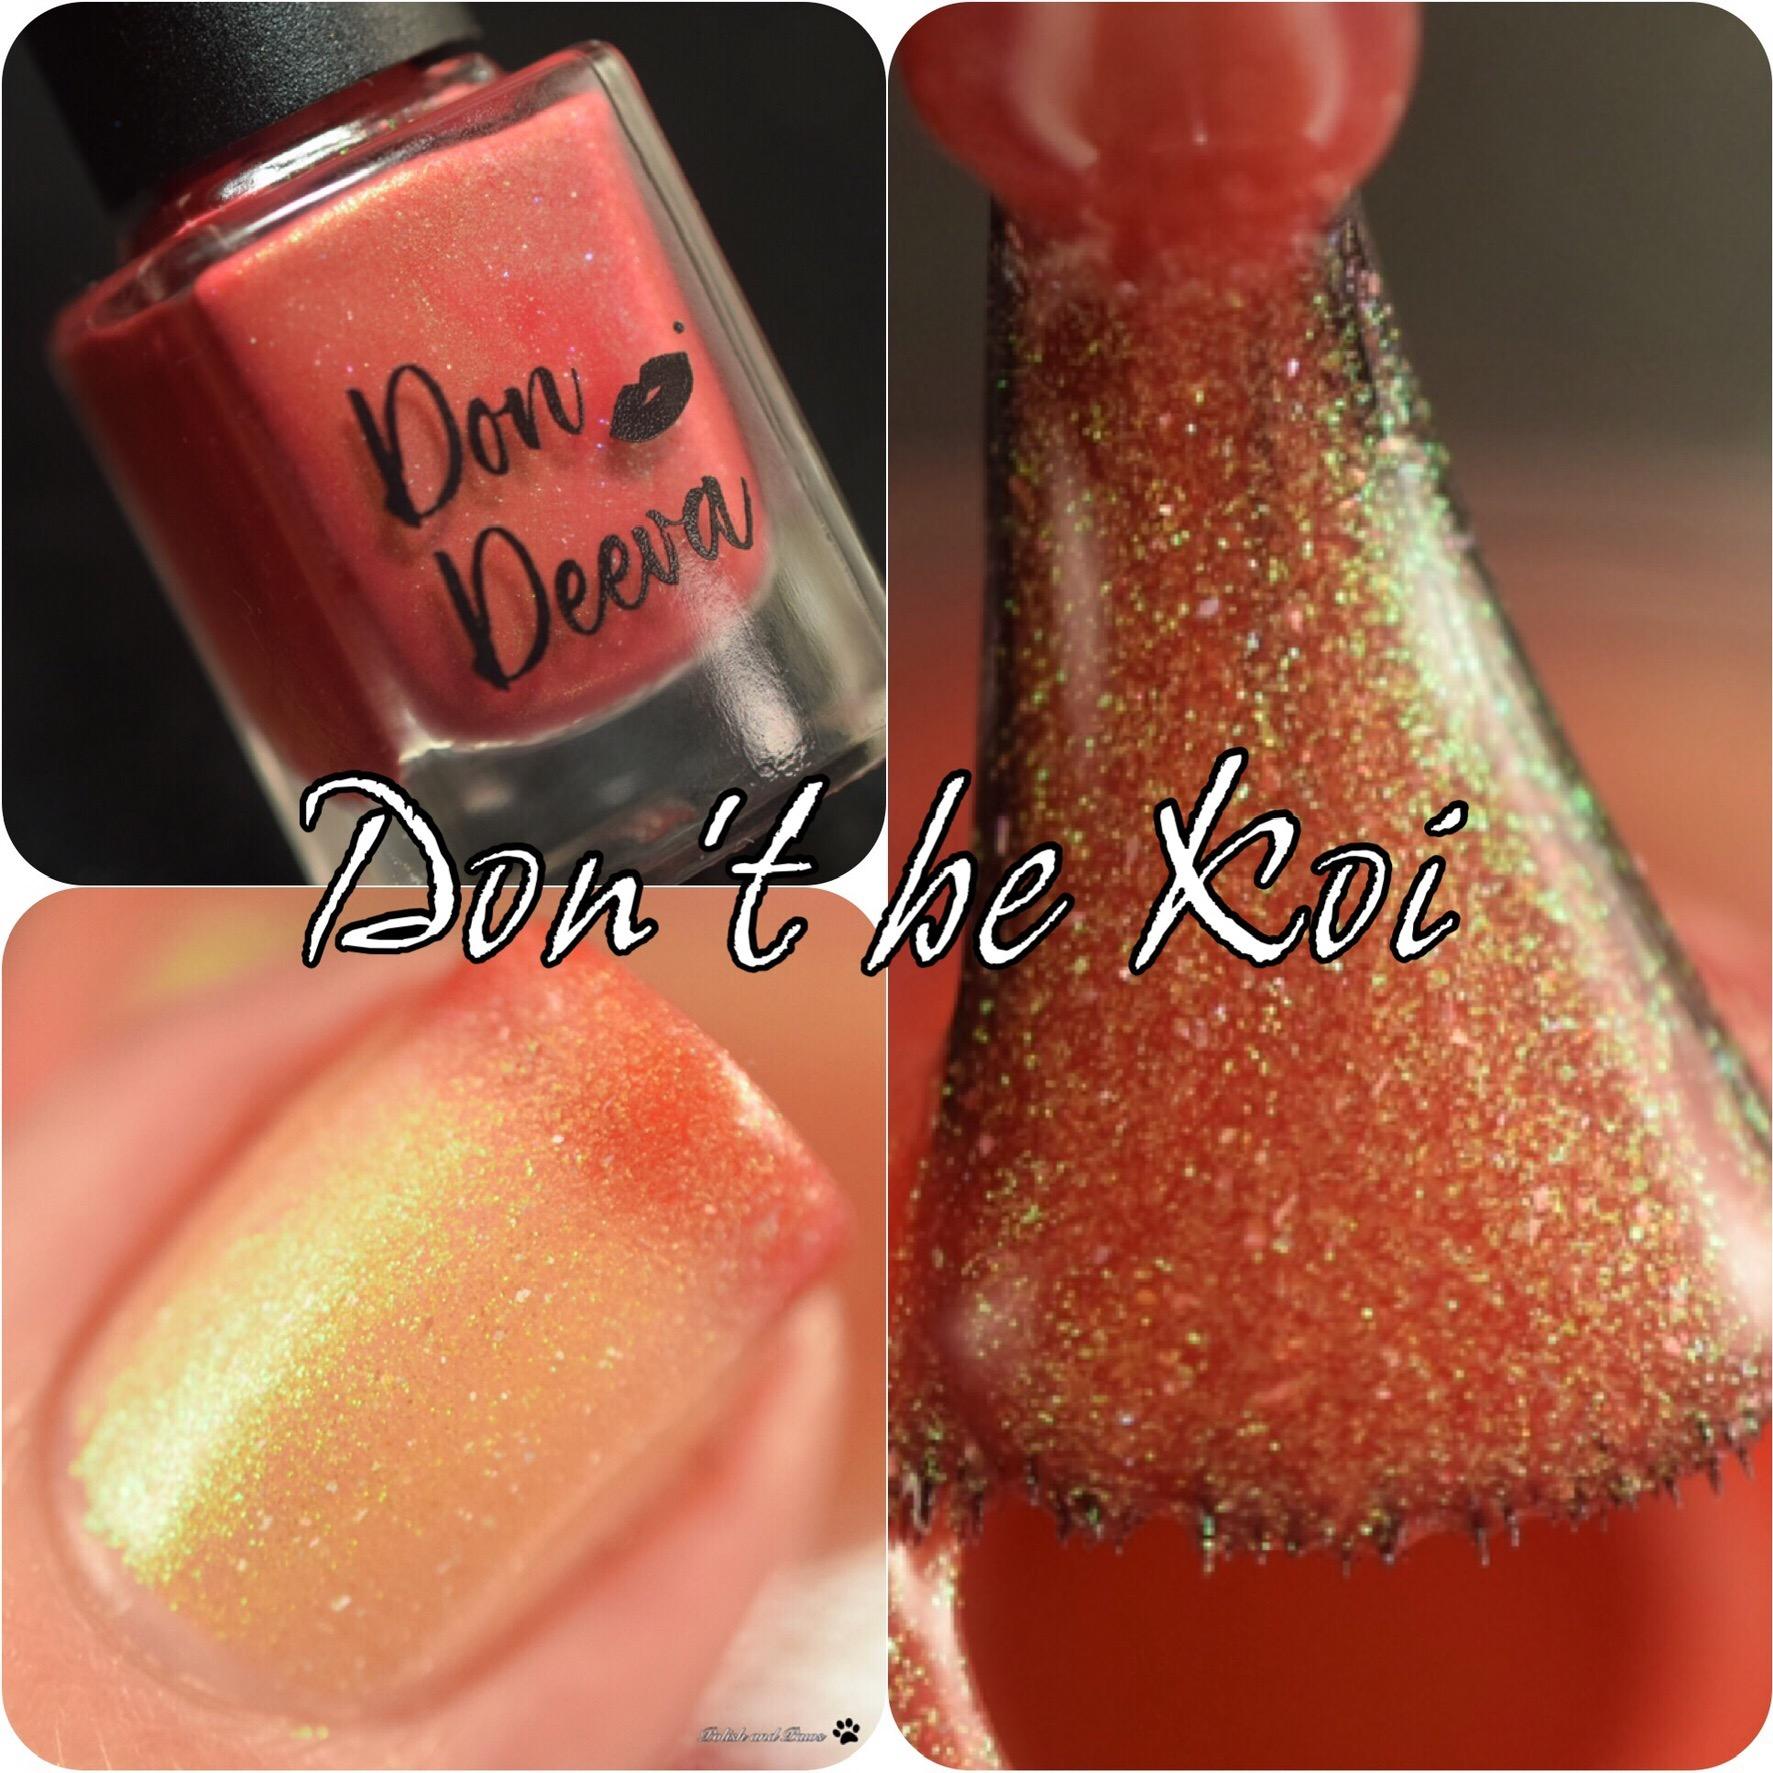 Don Deeva Don't be Koi